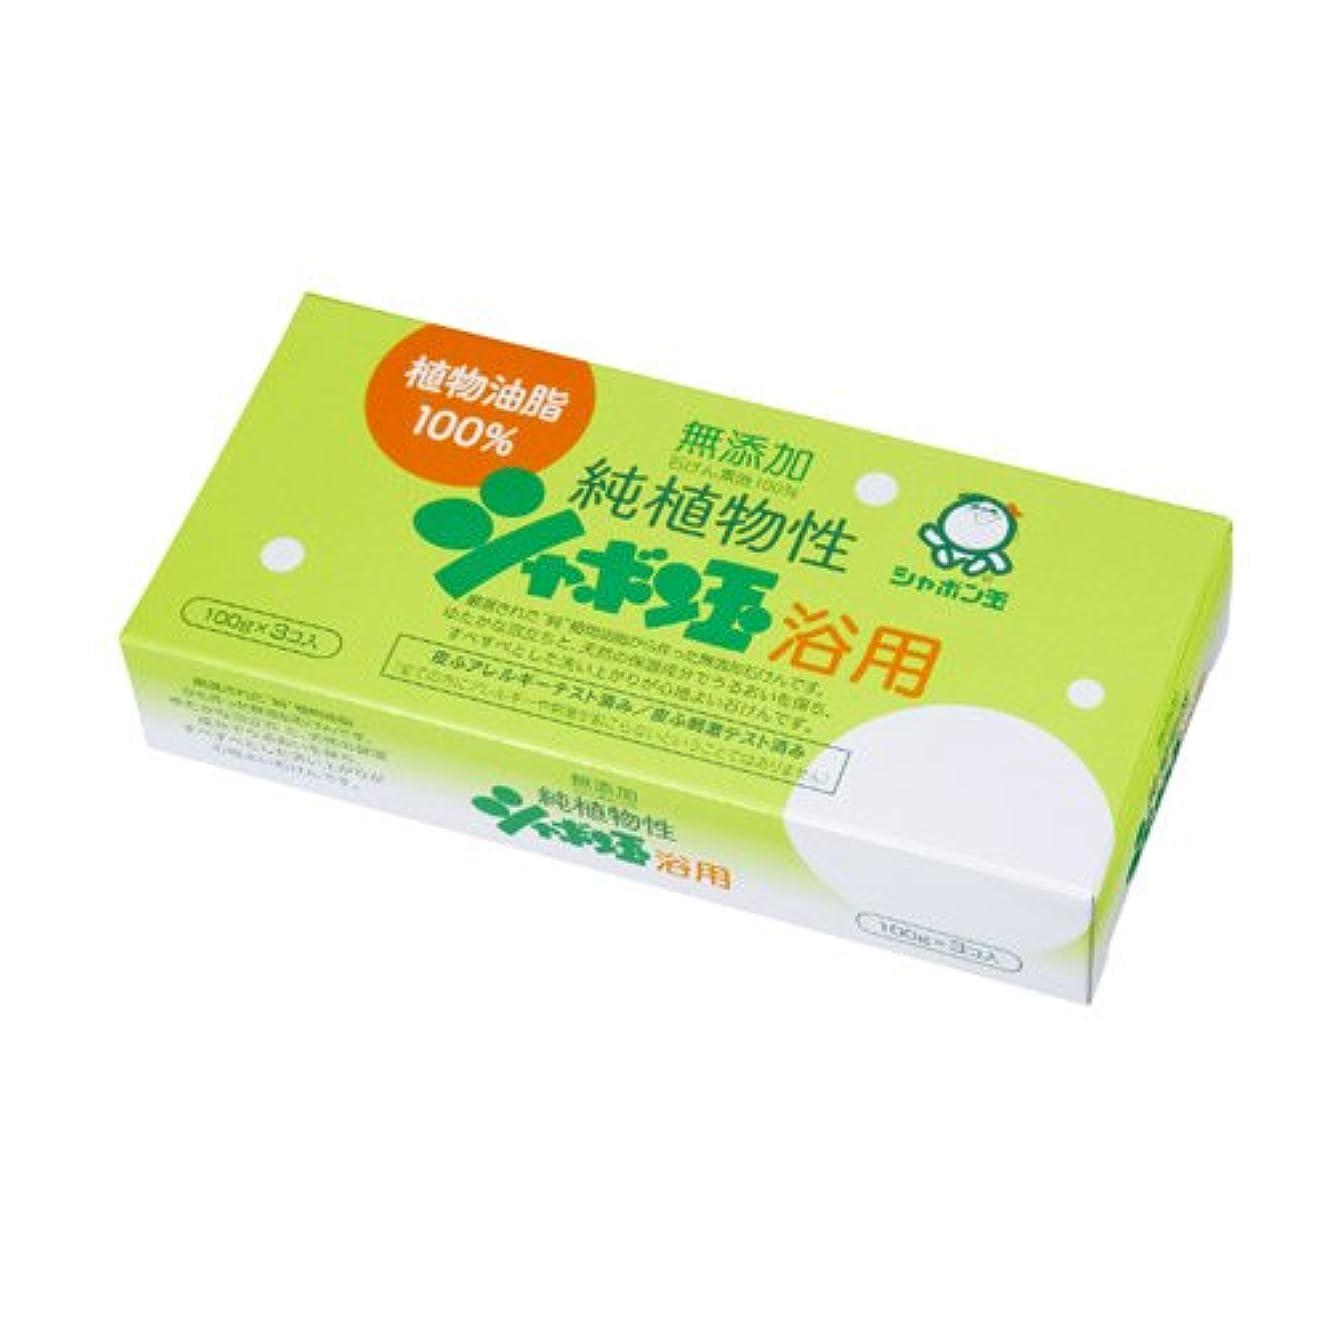 フリース反毒近代化純植物性シャボン玉 浴用 3個入り